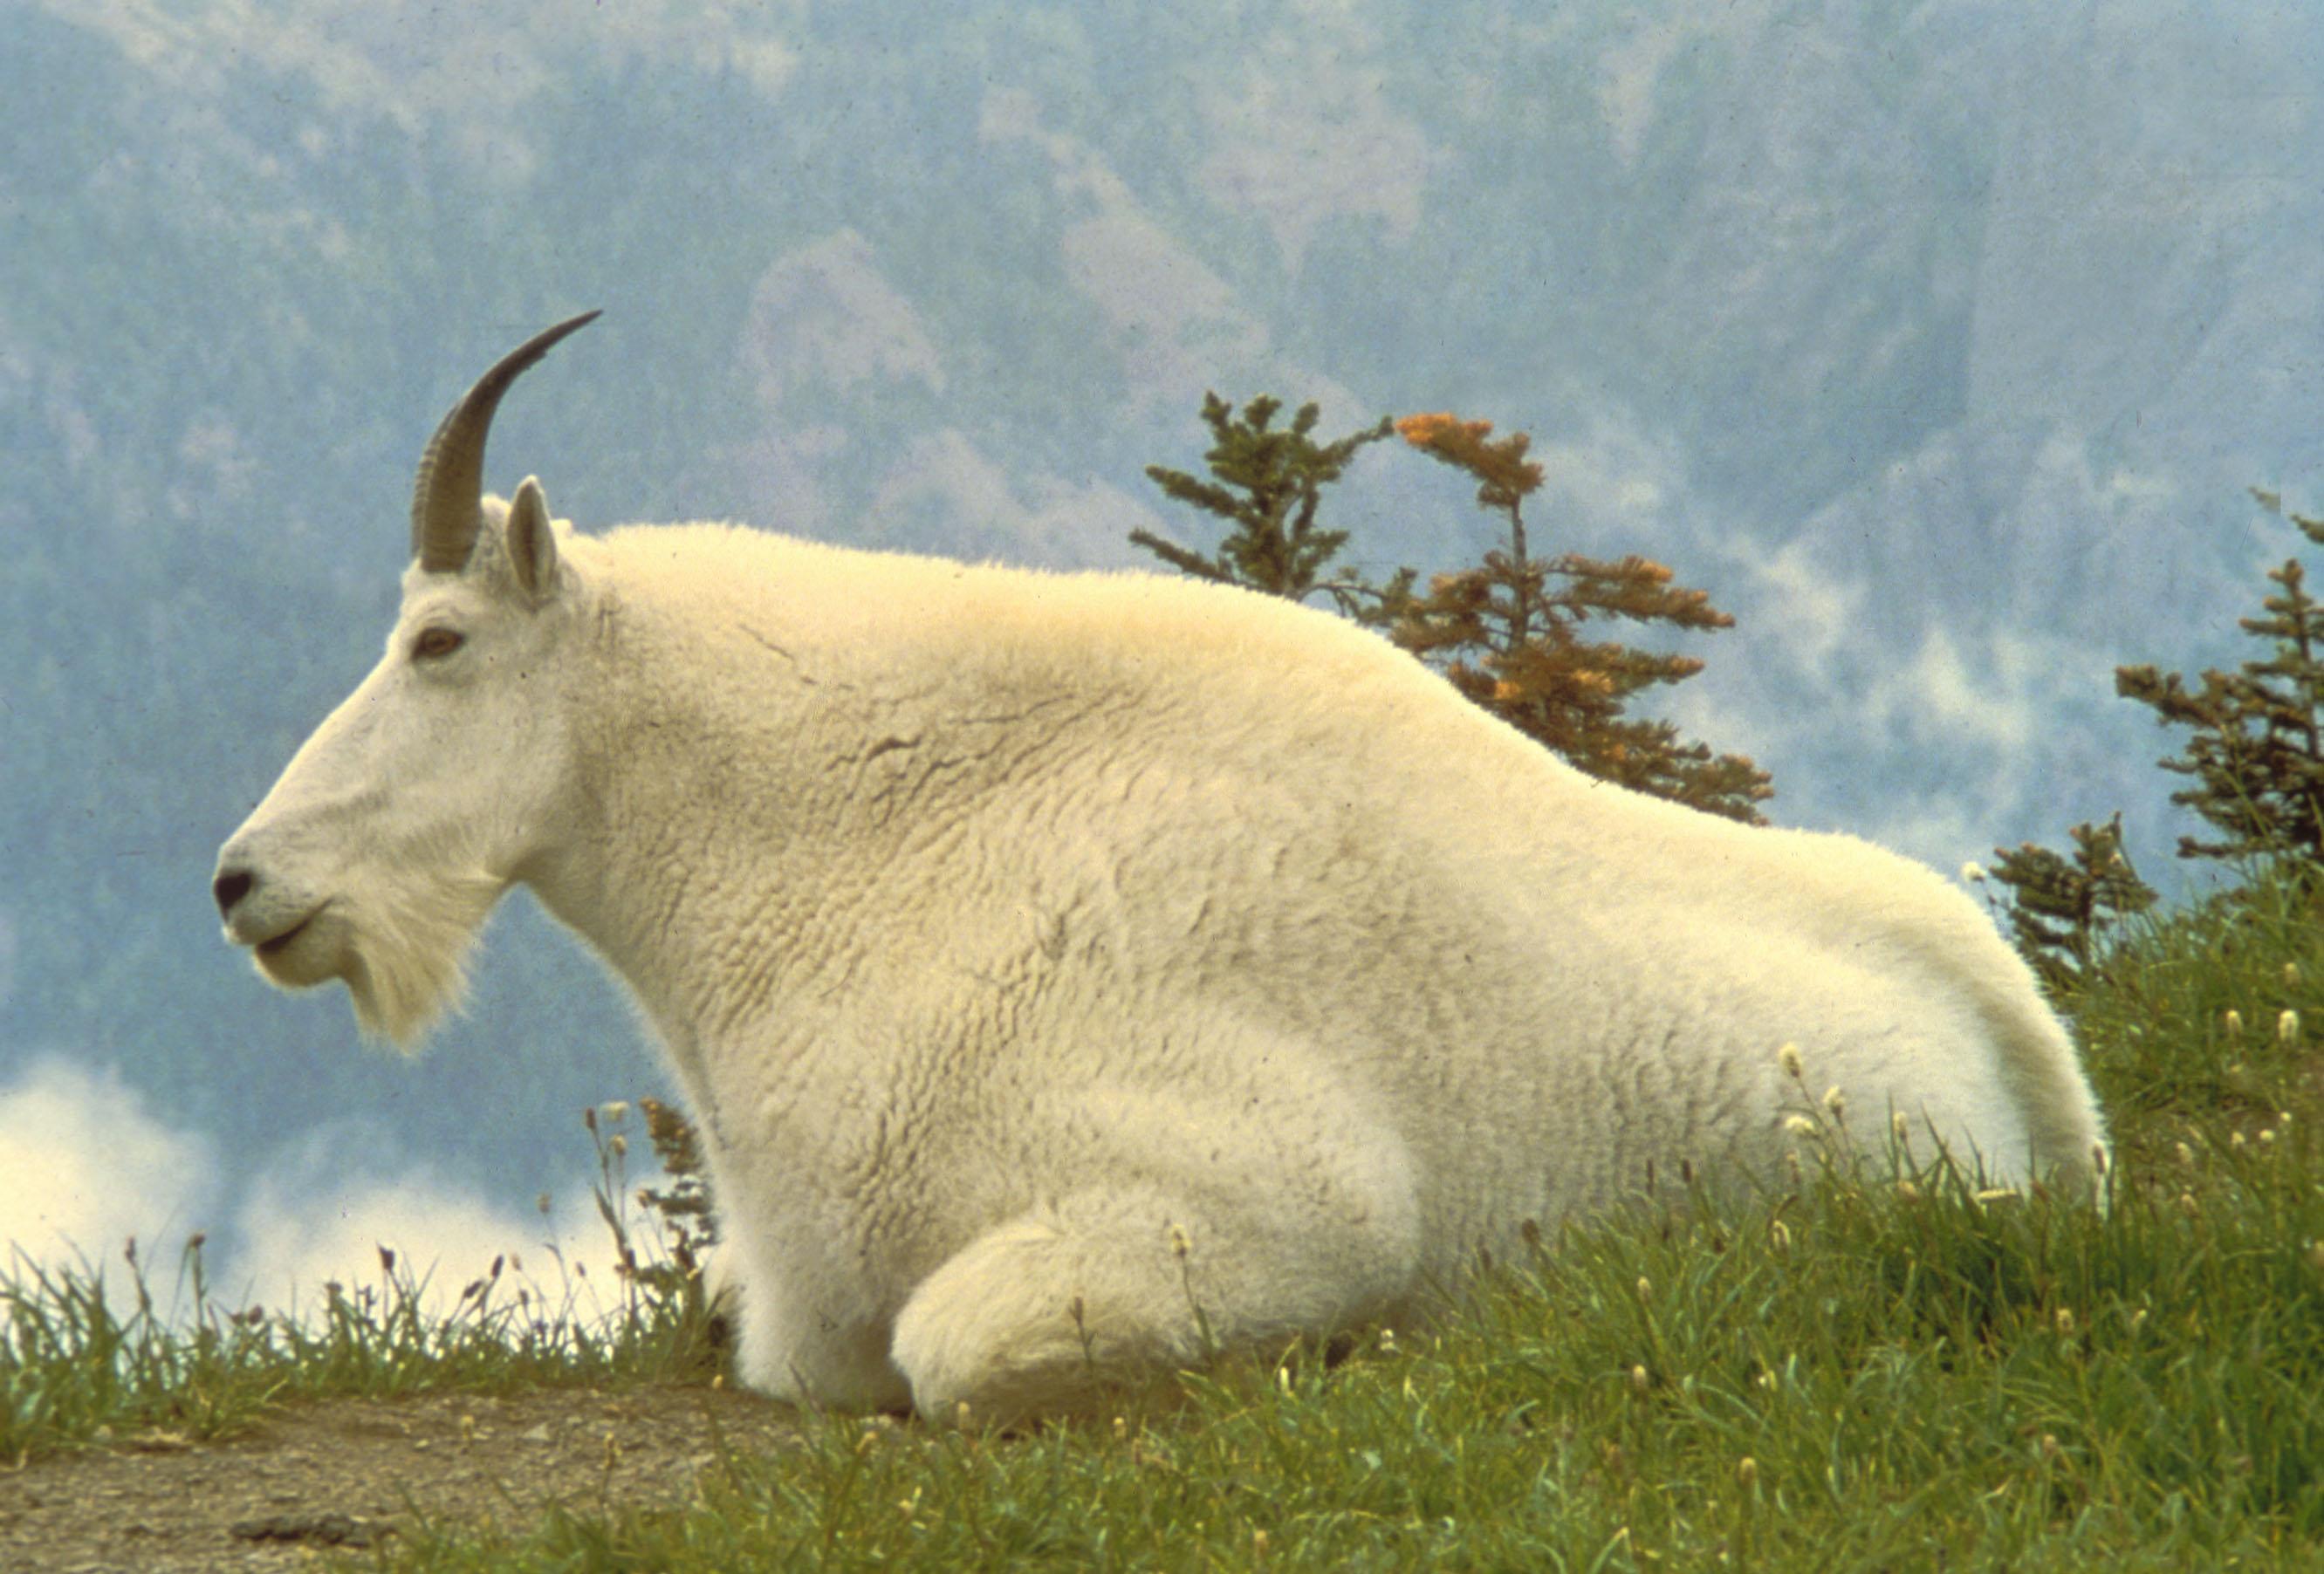 Снежная коза - это... Что такое Снежная коза?